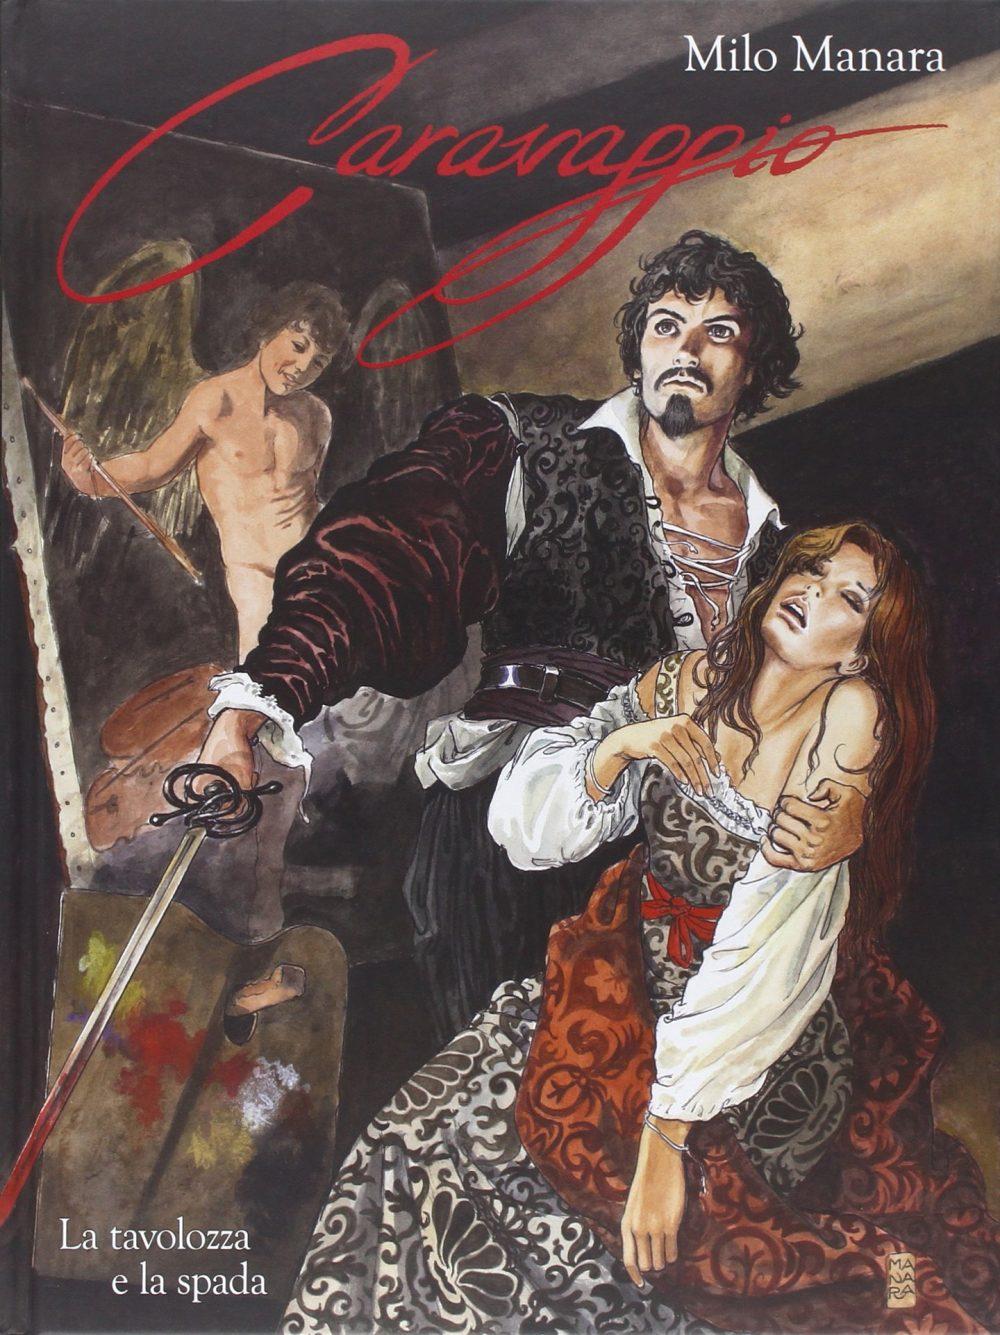 Caravaggio vol. 1: La tavolozza e la spada, di Milo Manara - Panini Comics